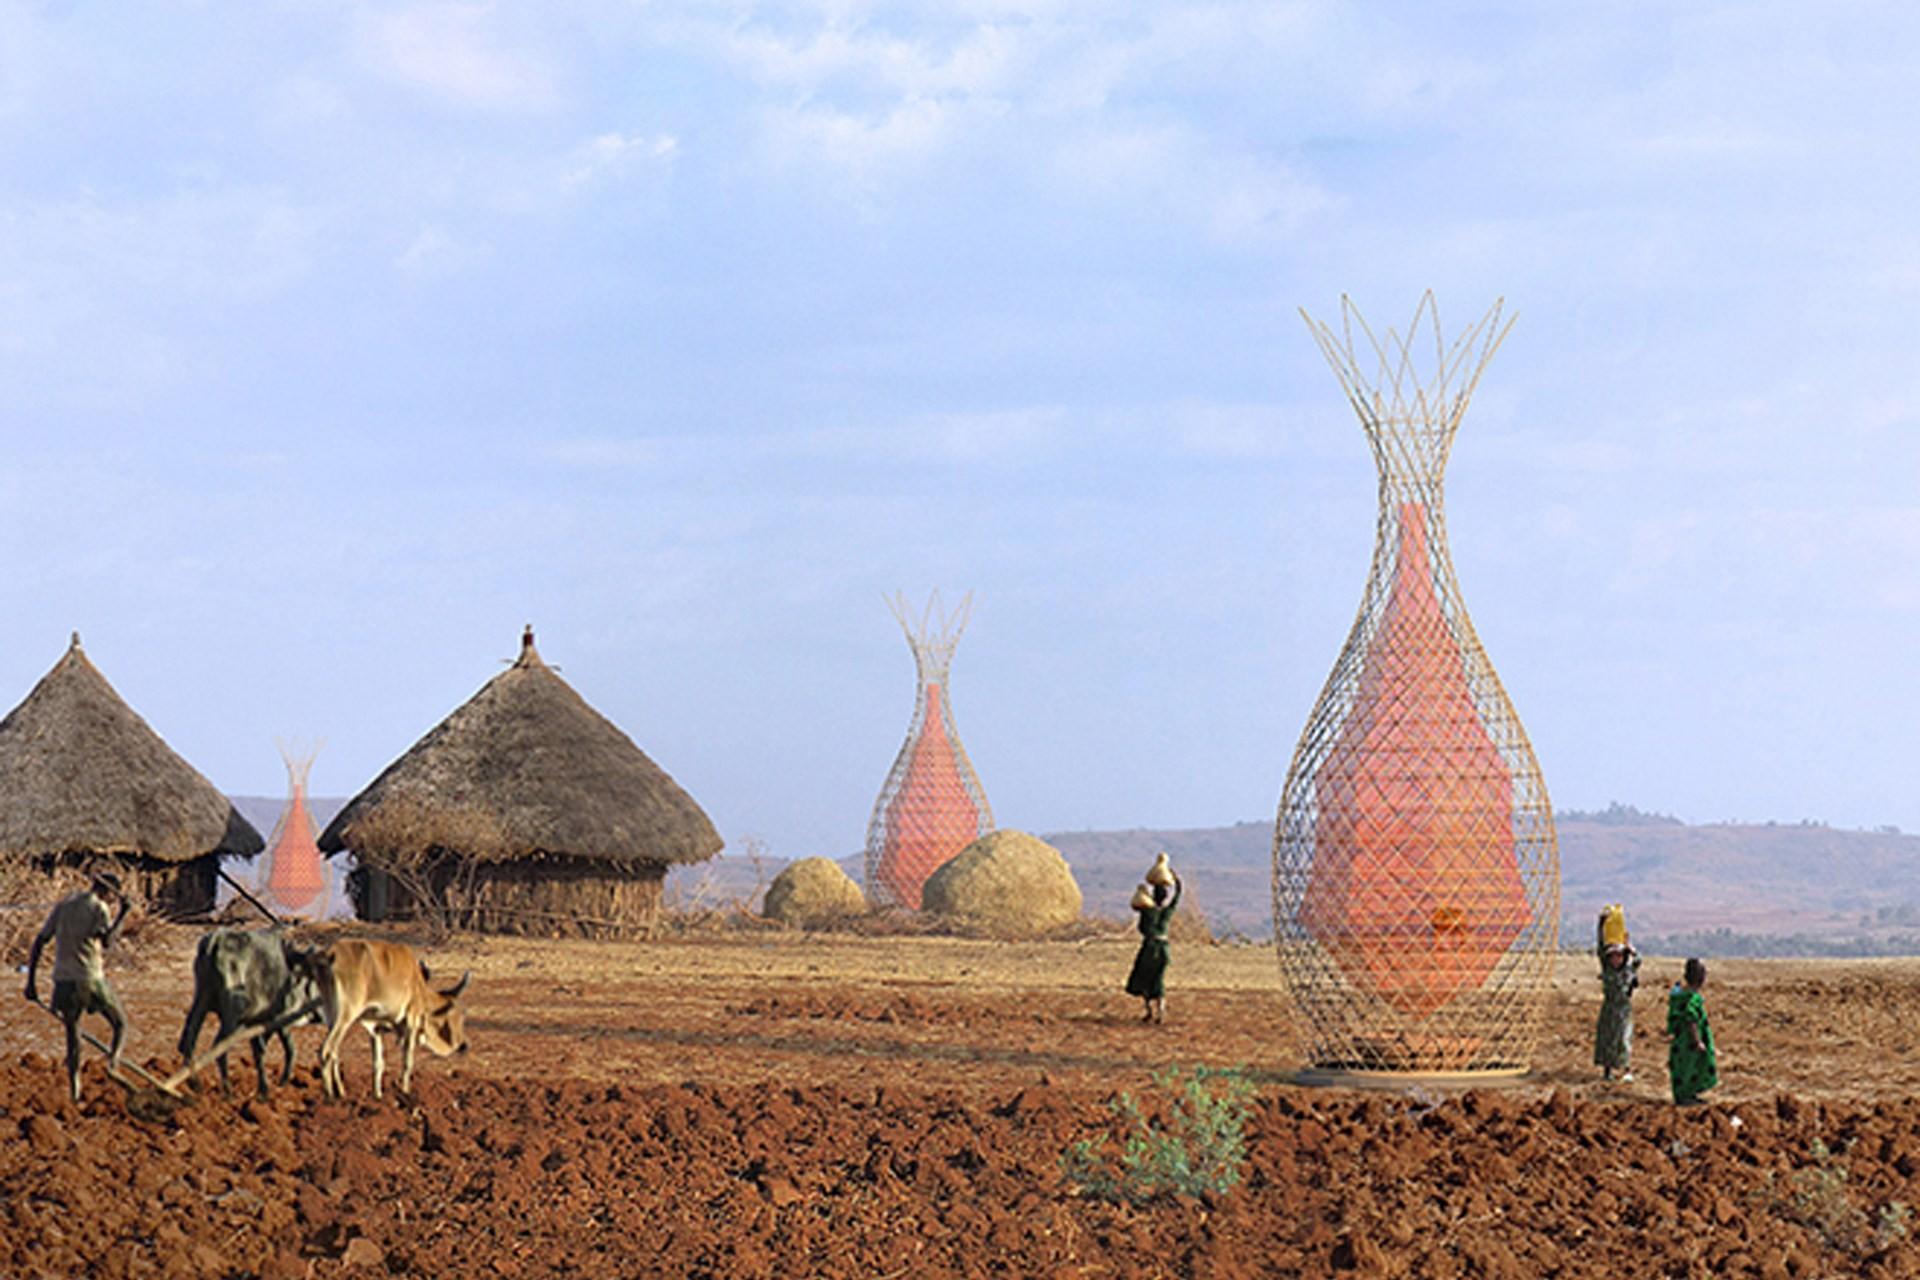 WarkaWater, a estrutura que gera 100 litros de água potável por dia, WarkaWater em área rural da Etiópia. Fonte da imagem: Yogui.co